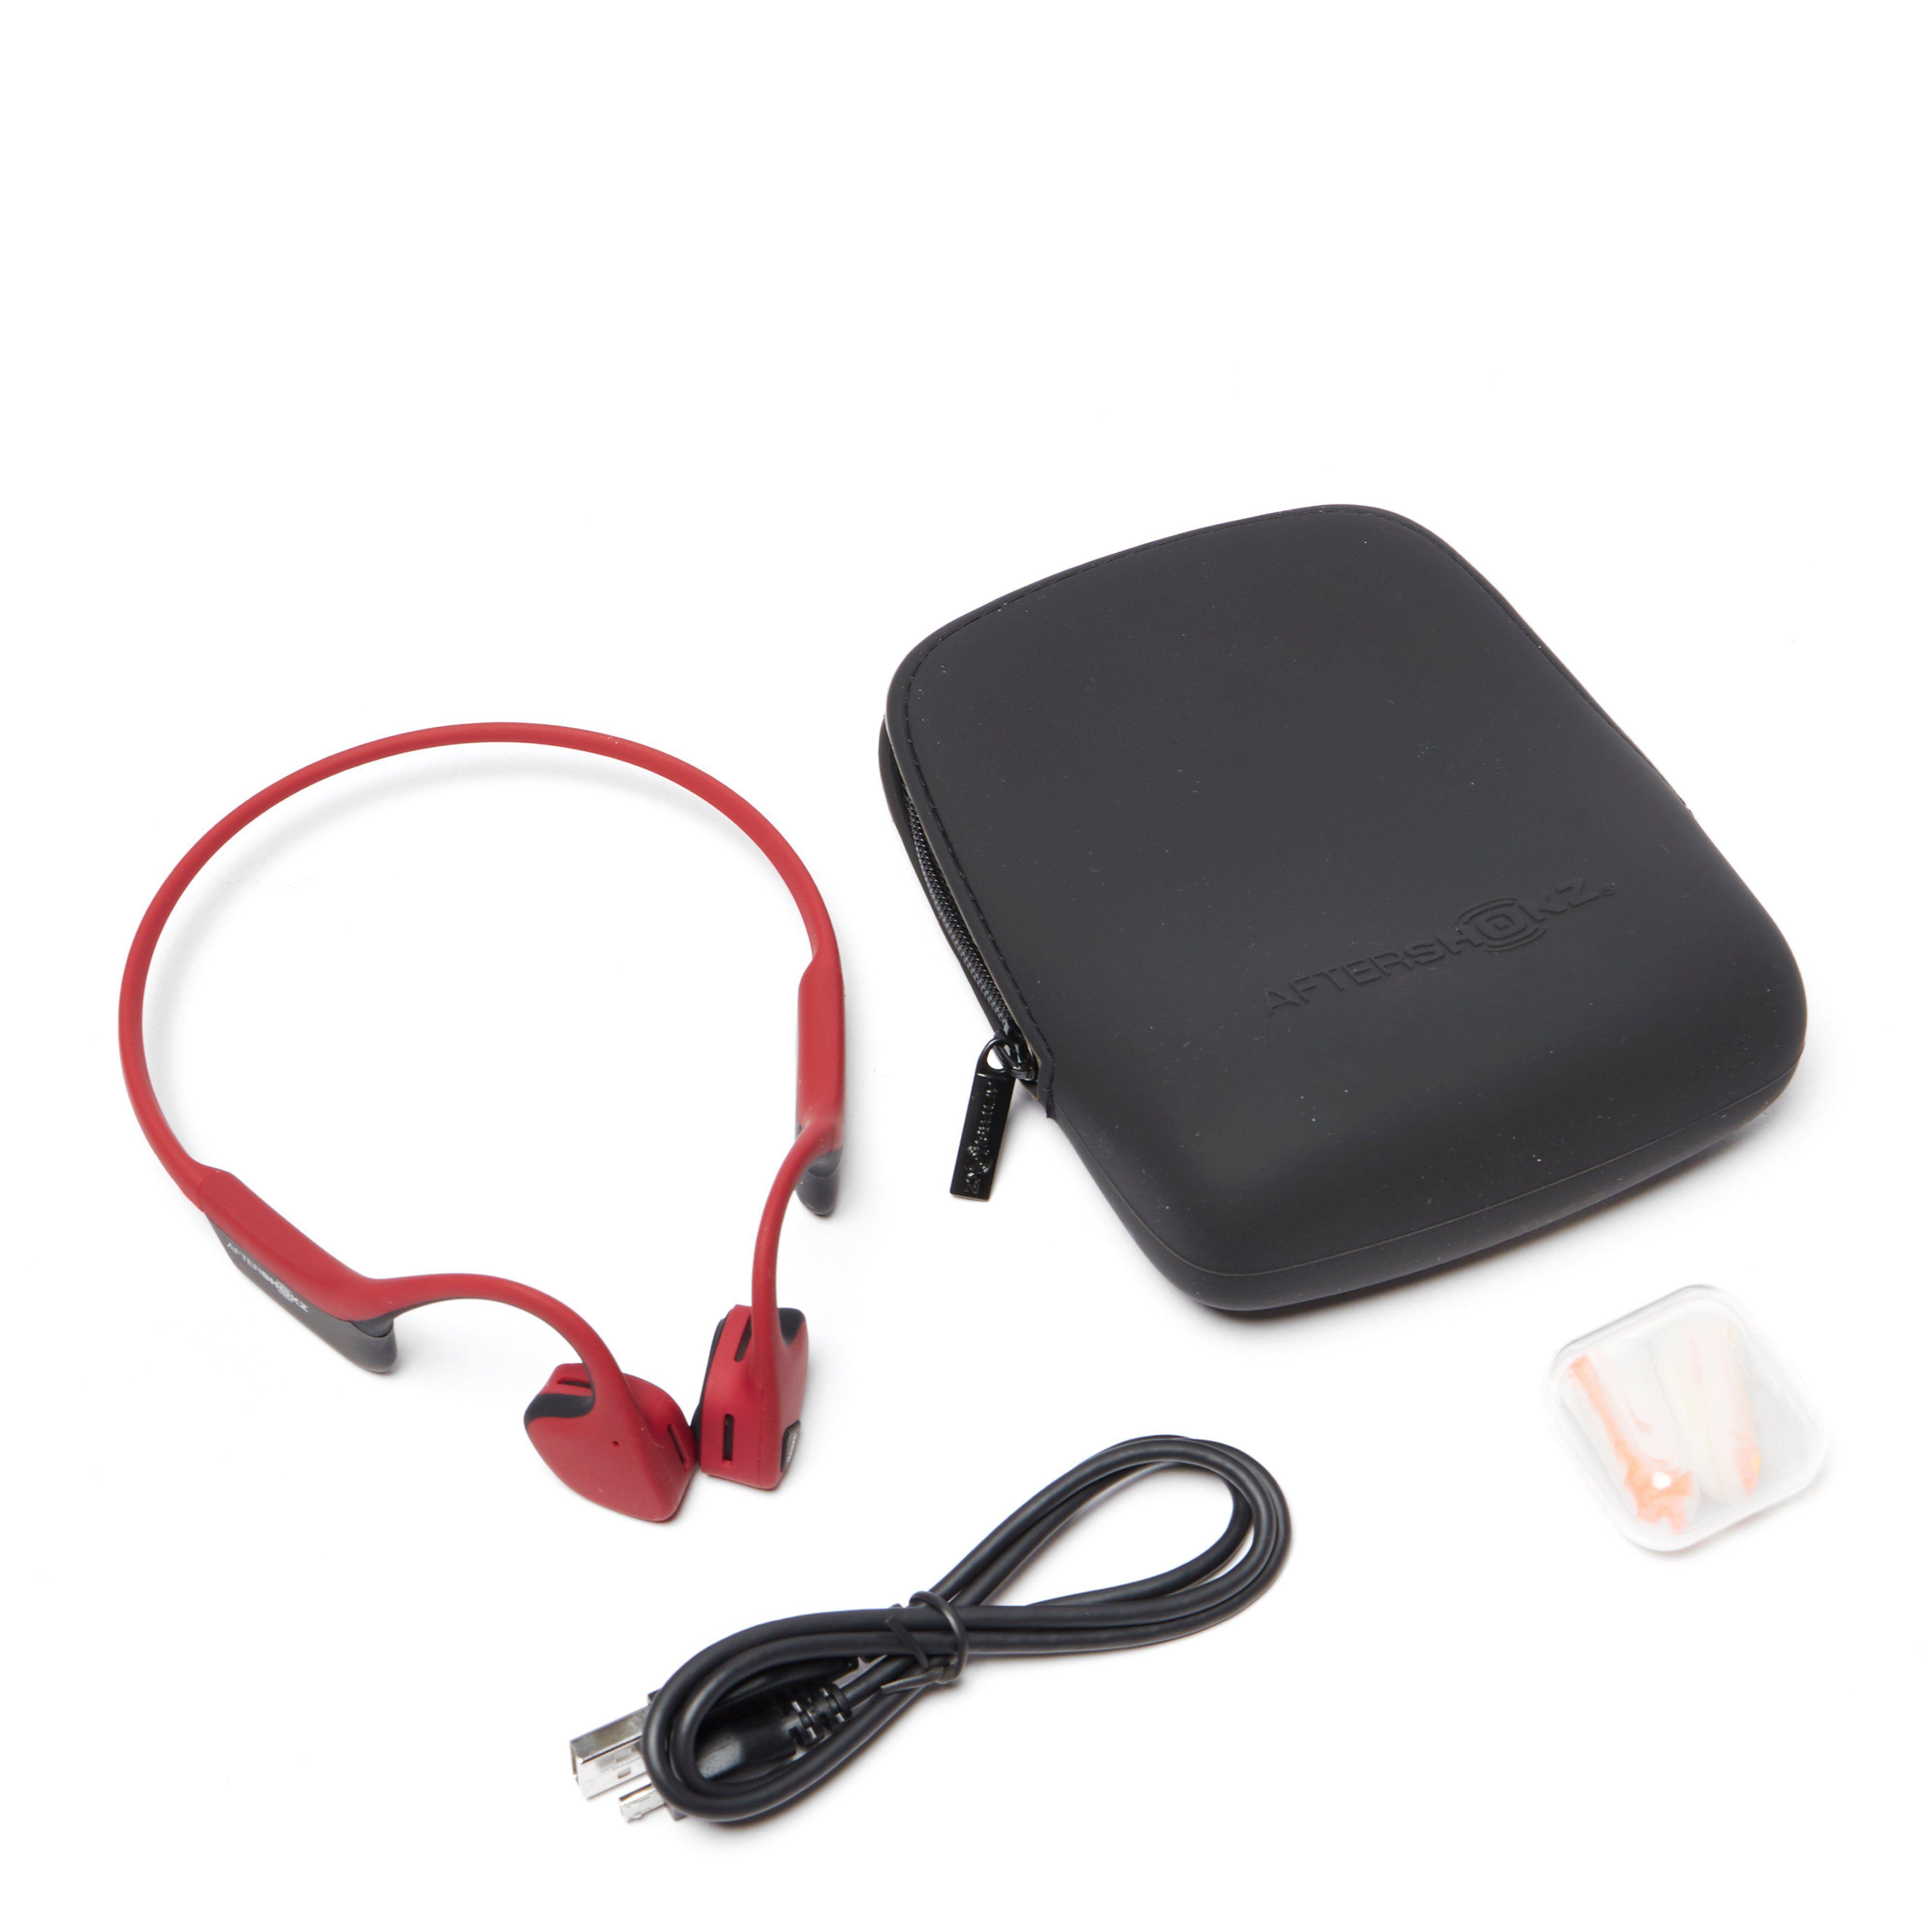 Aftershokz Trekz Air Open Ear Headphones